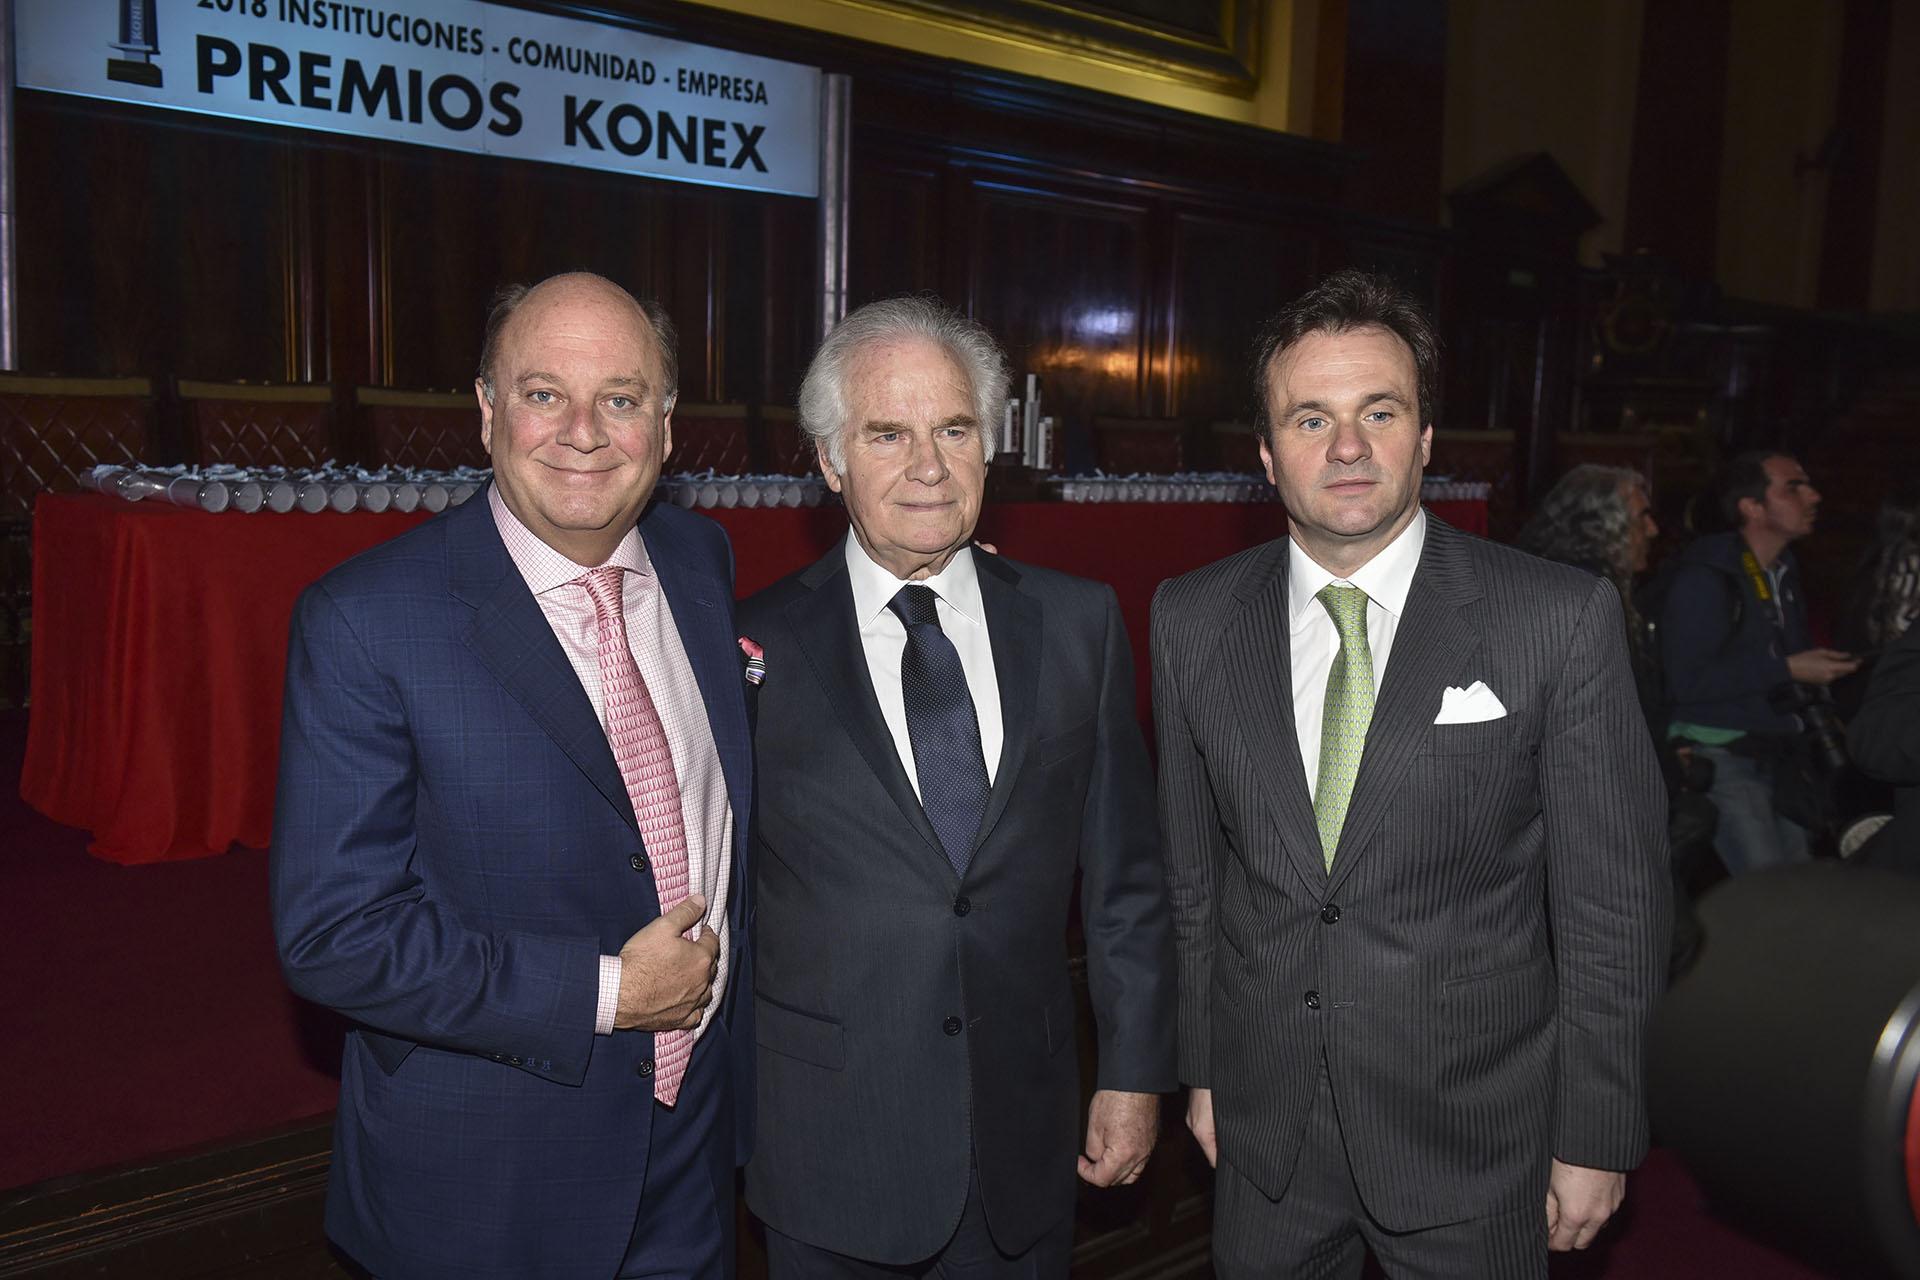 Martín Cabrales, Ernesto Orlando (secretario general de la Fundación Konex) y Juan Pablo Maglier, director de Relaciones Institucionales de La Rural